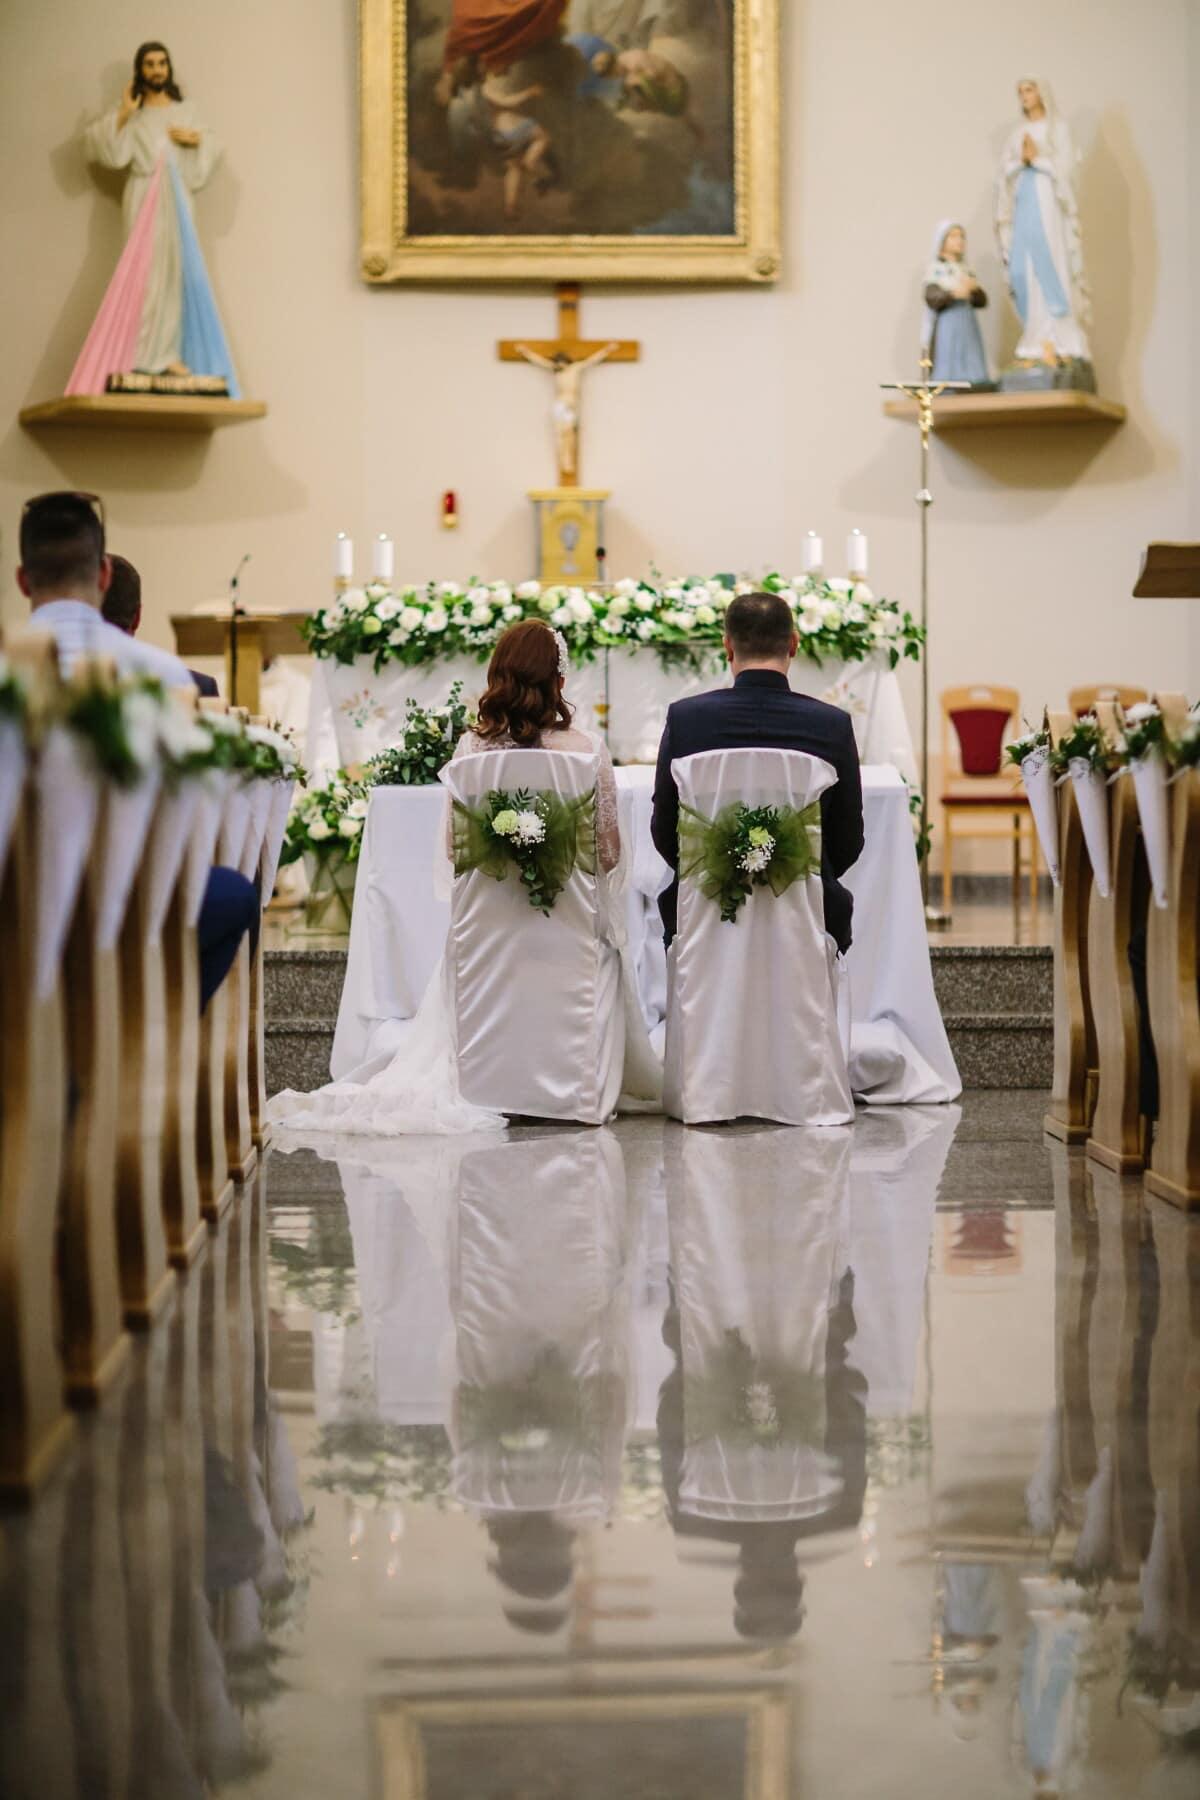 mariage, catholique, salle de mariage, église, jeune marié, la mariée, chaises, assis, robe, couple